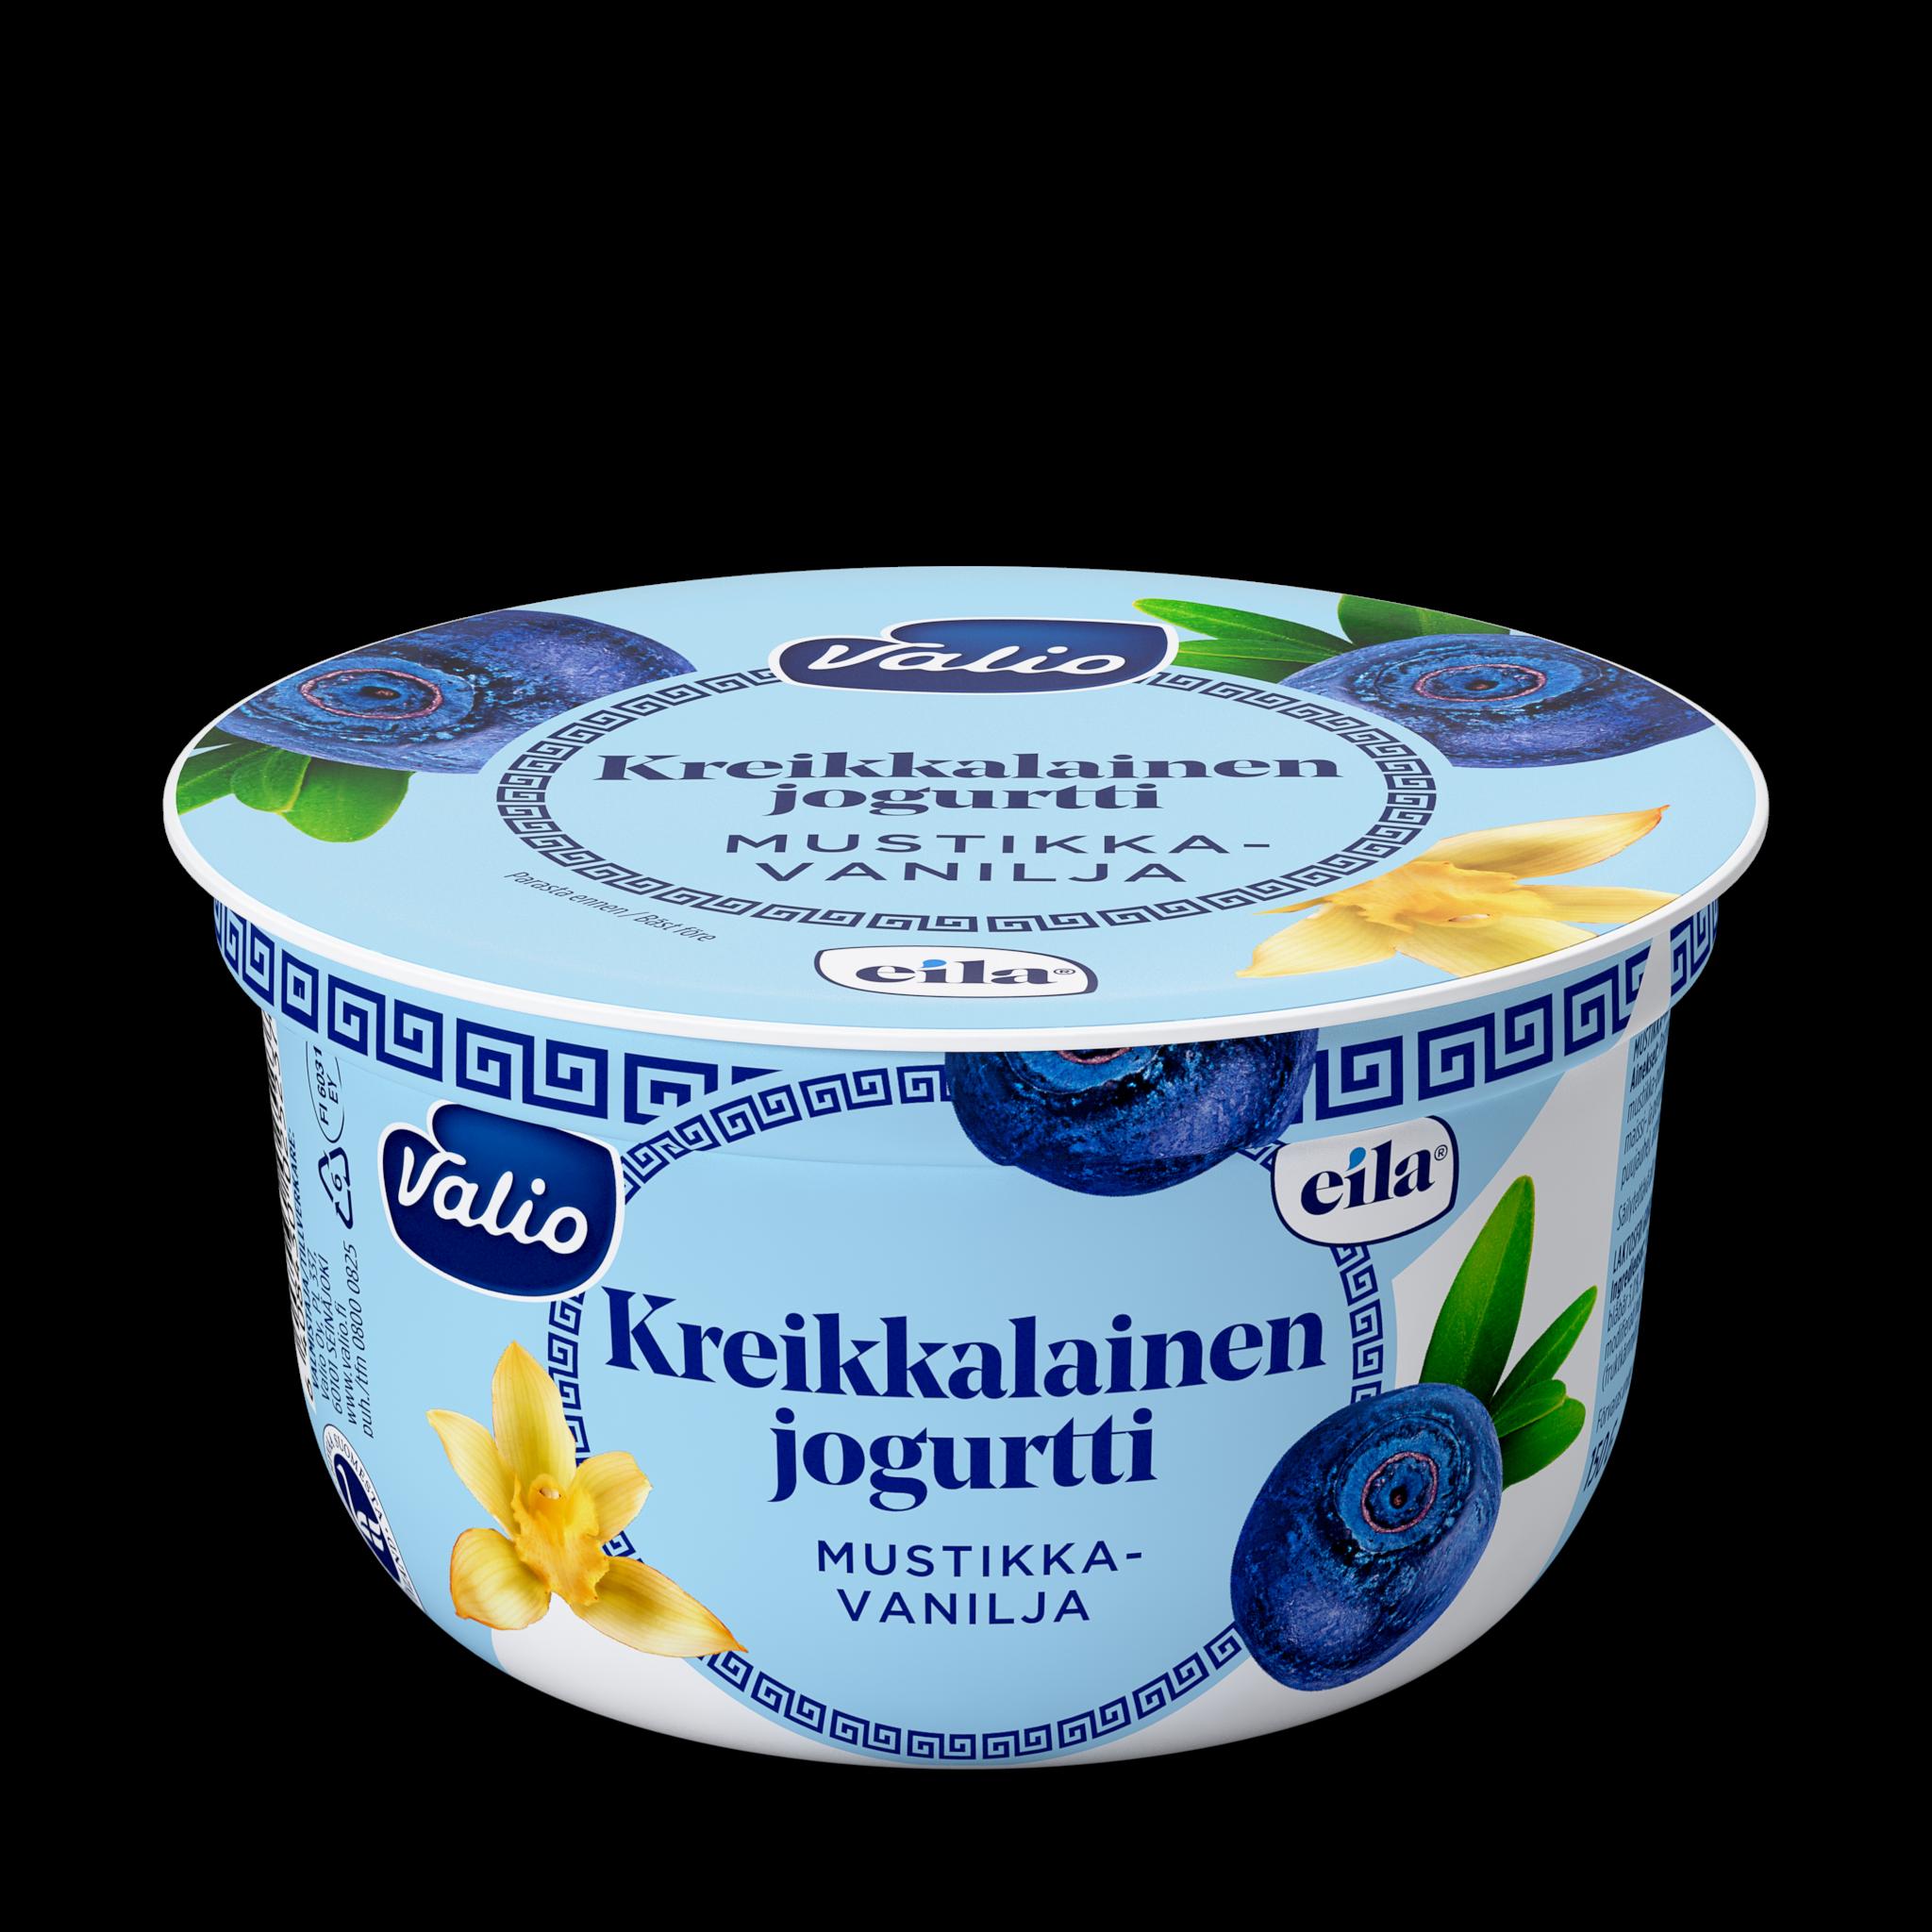 Valio kreikkalainen jogurtti mustikka-vanilja laktoositon